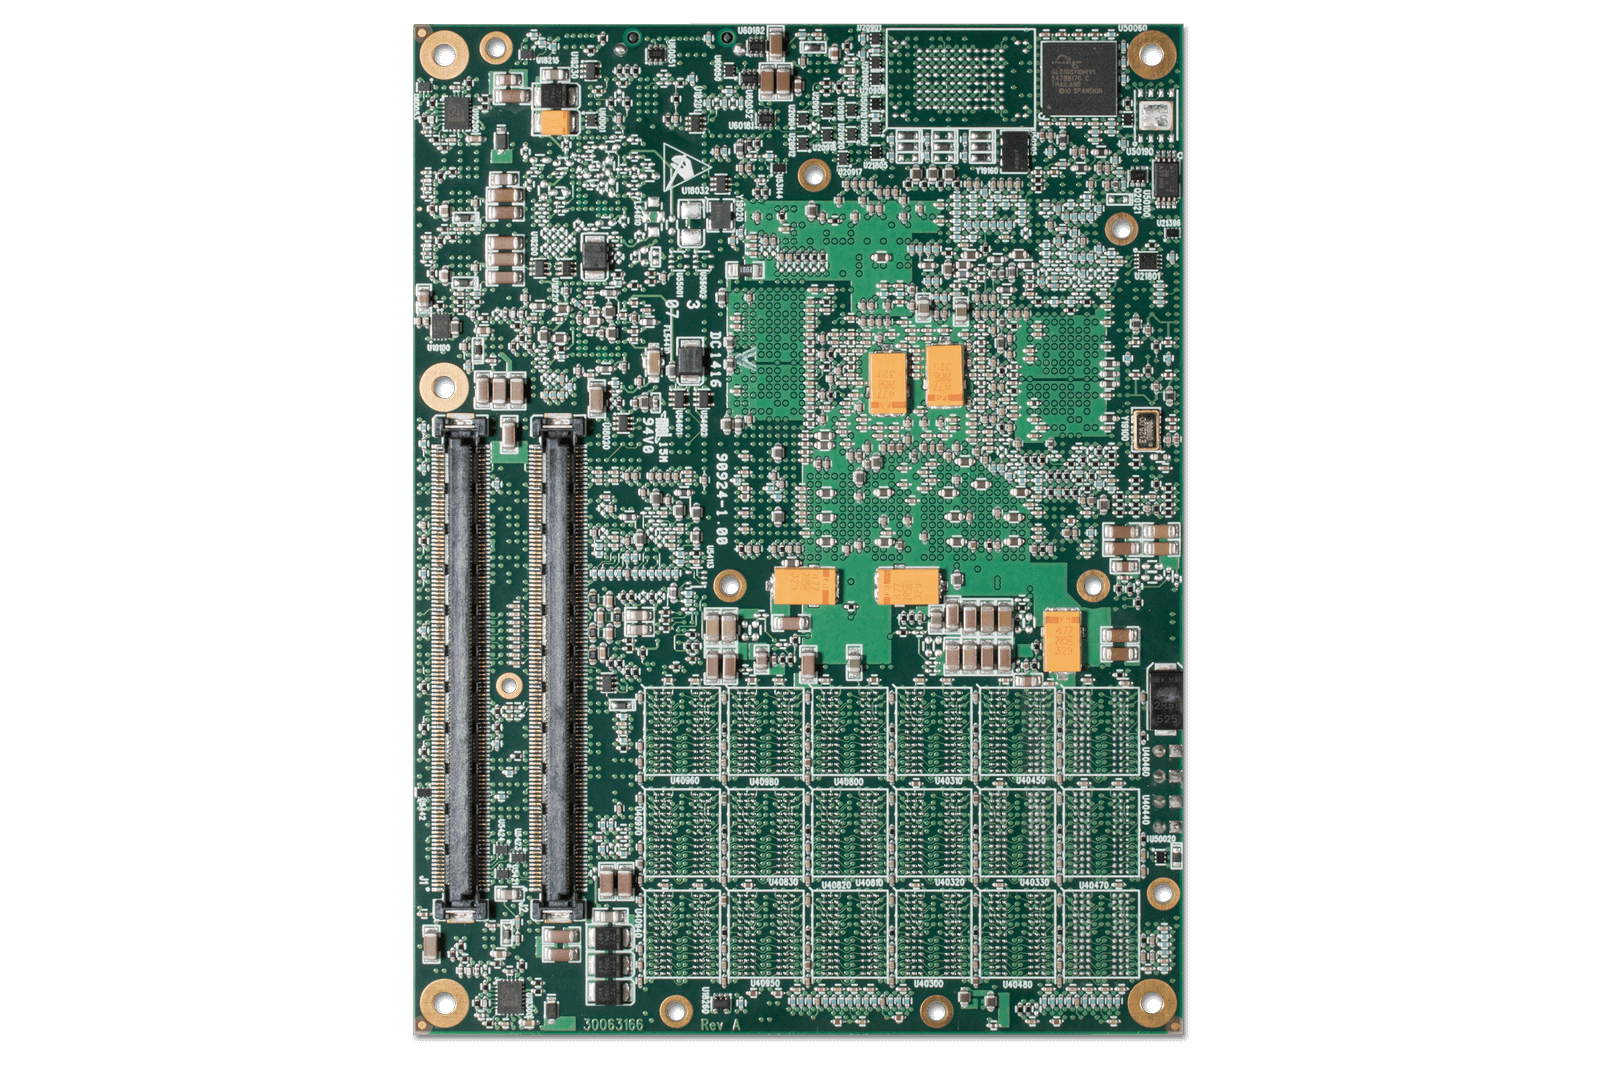 XPedite5850 NXP QorIQ T4240 Basic COM Express Mezzanine